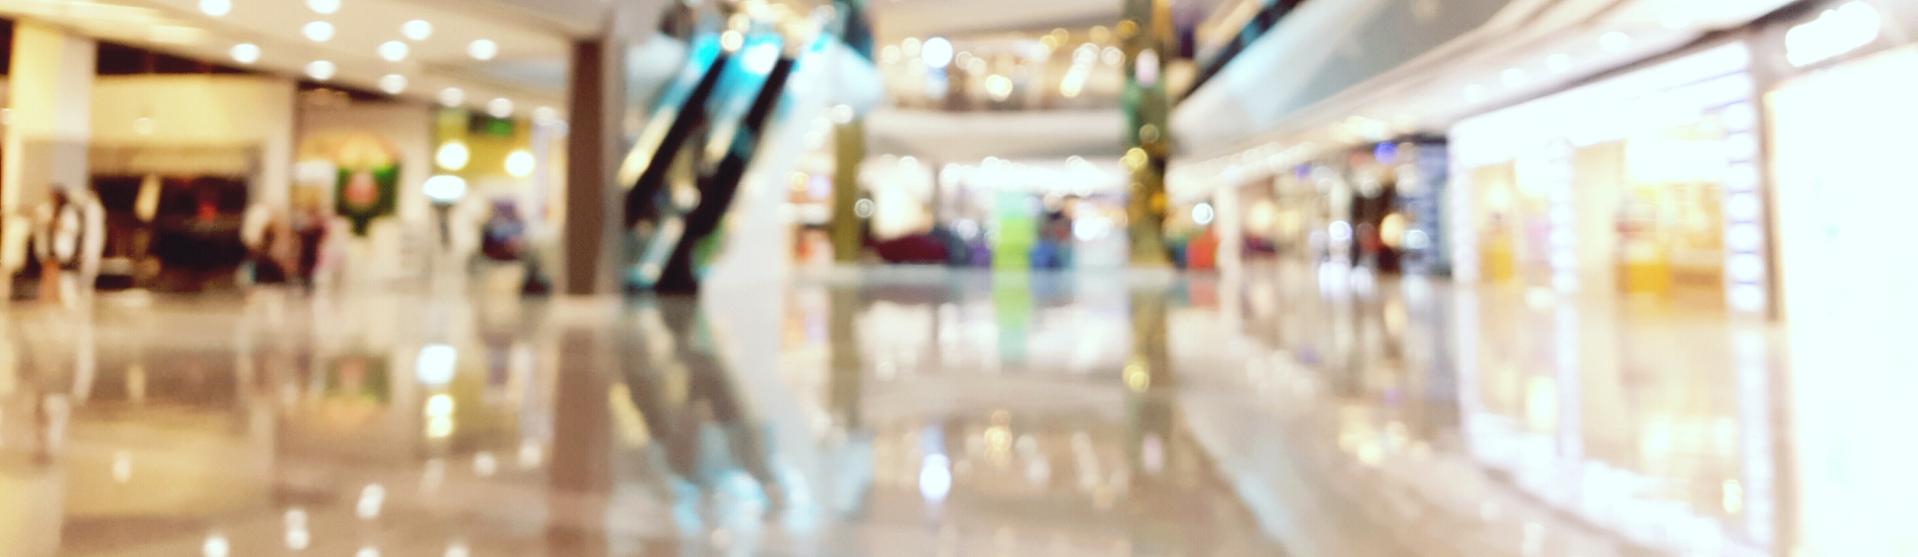 blurred mall shot